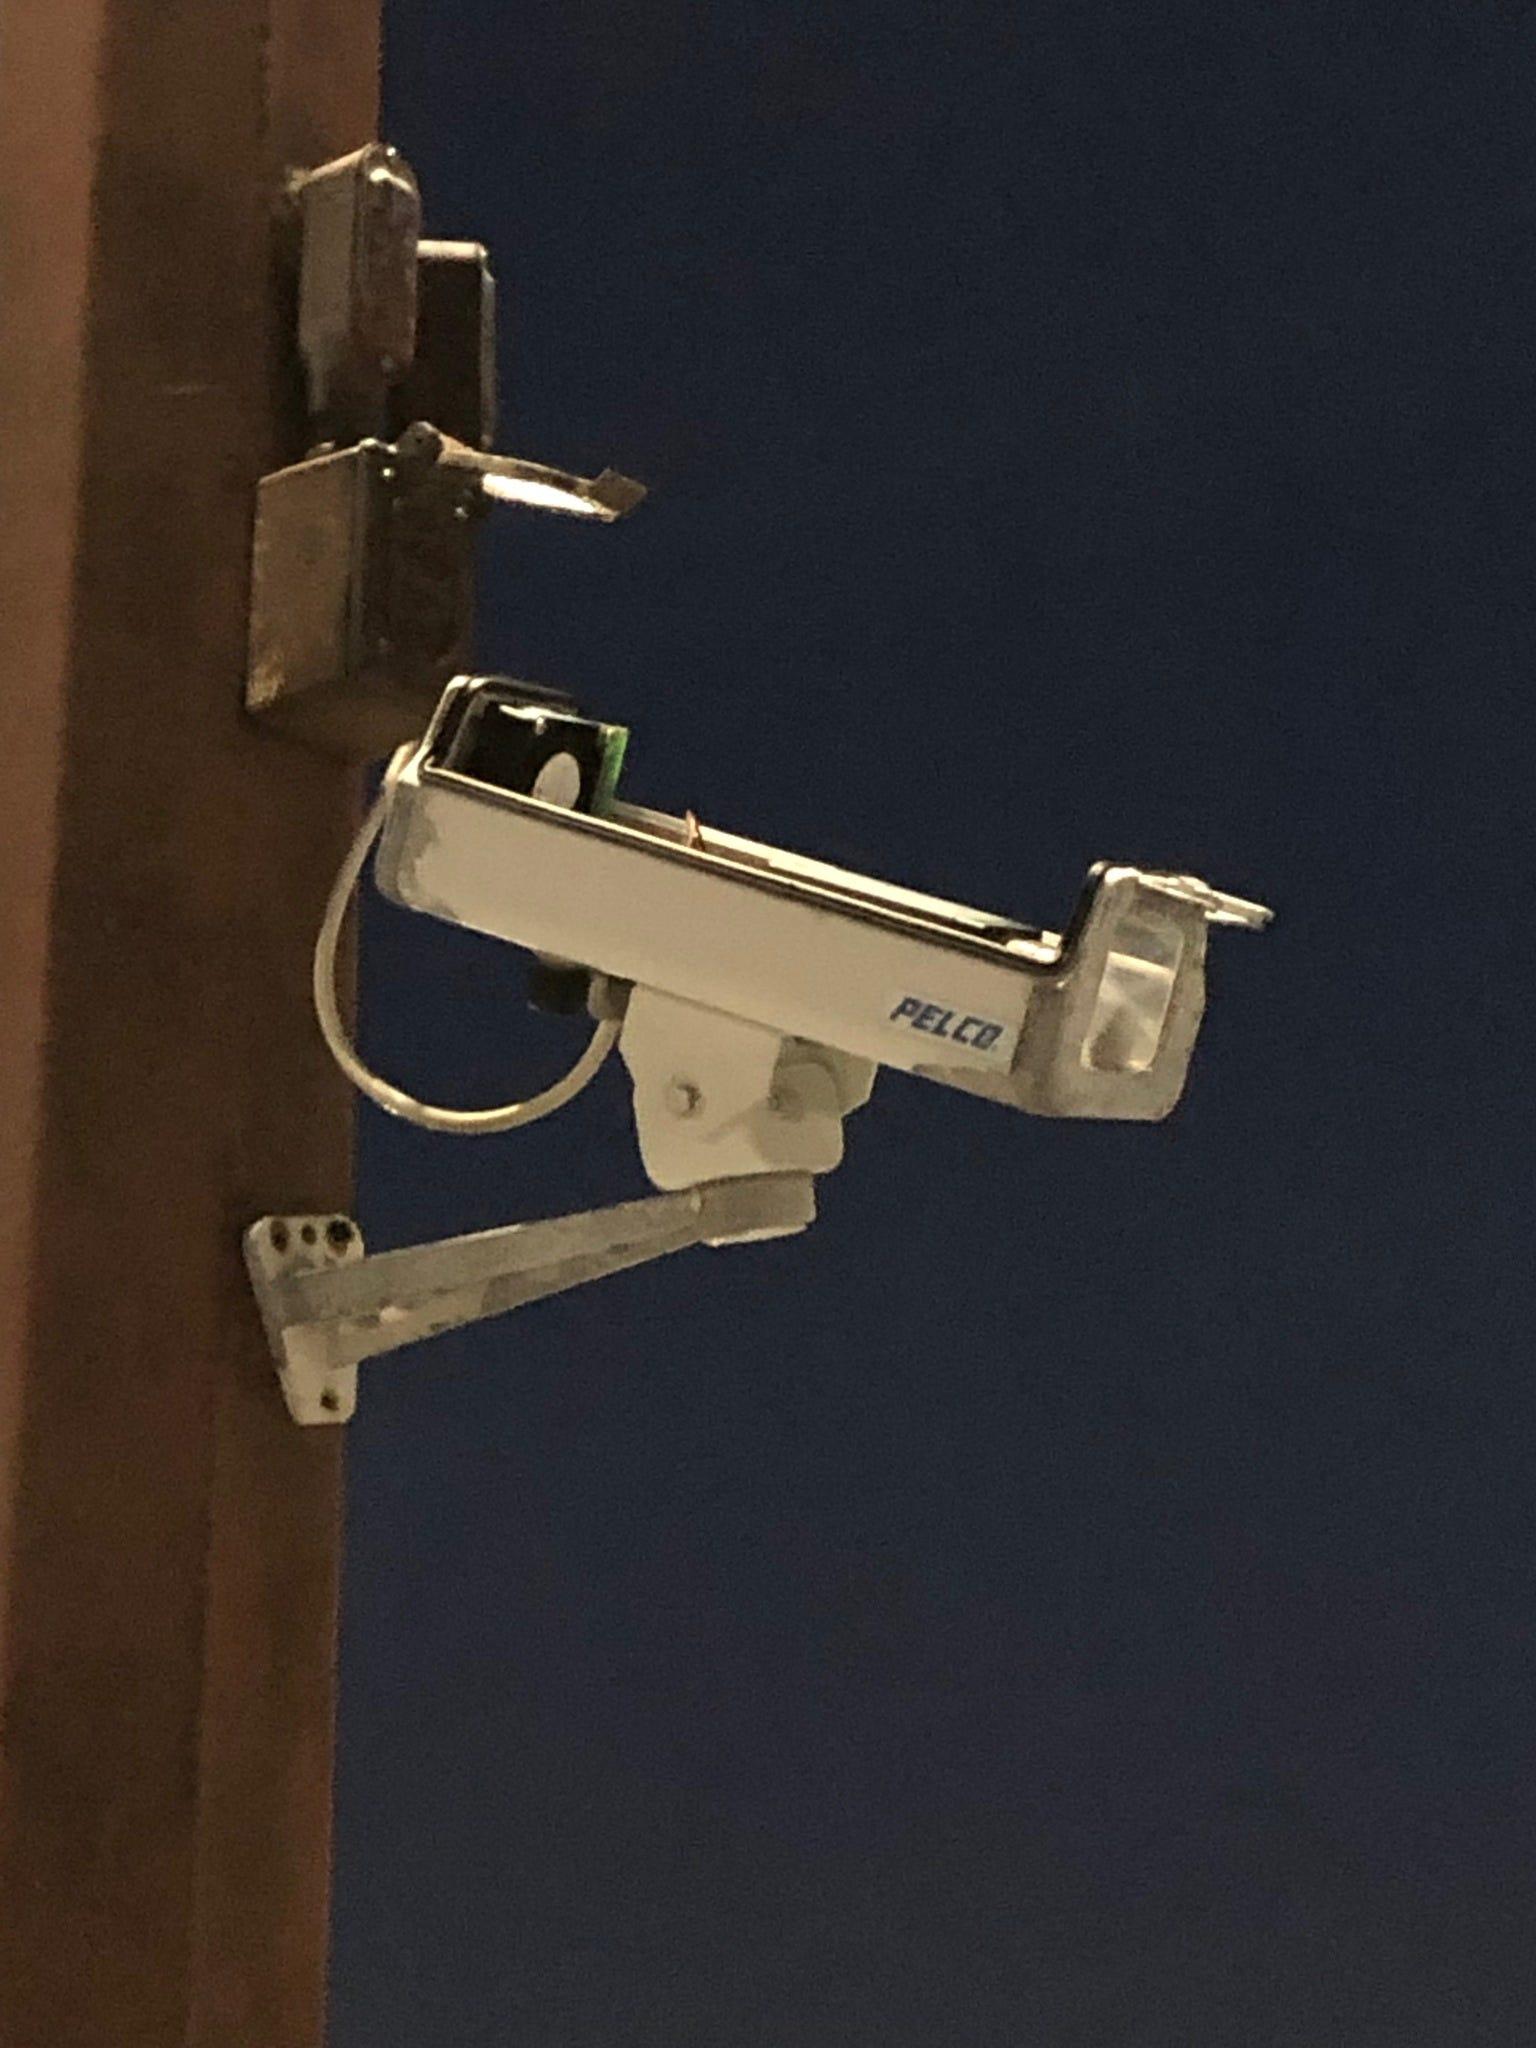 A broken camera at Aurora Sinai